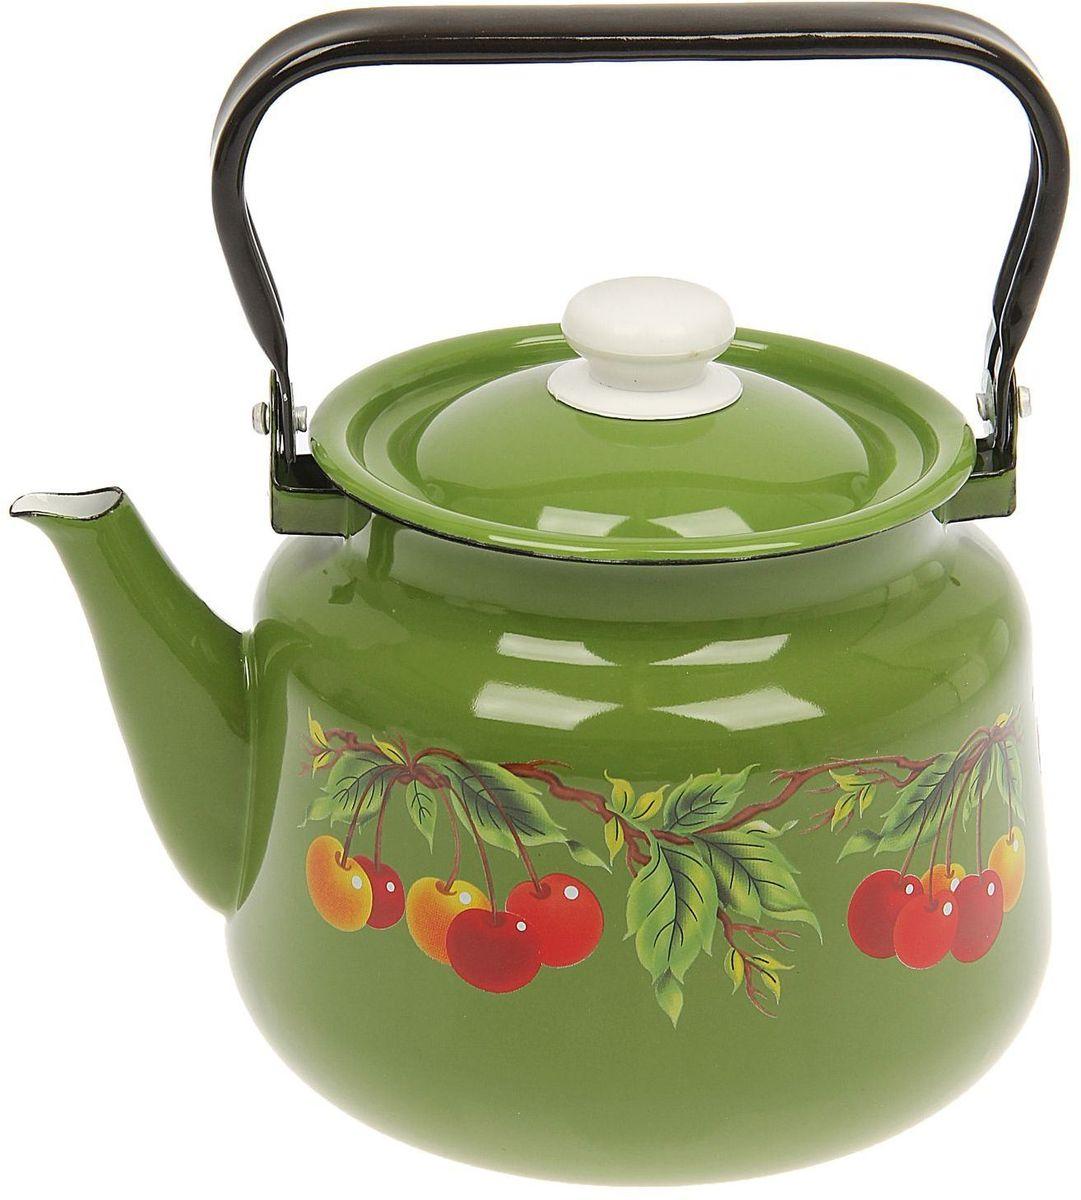 Чайник Epos Зелёная вишня, 3,5 л1444510Согласитесь, и профессиональному повару, и любителю поэкспериментировать на кухне, и тому, кто к стряпанью не имеет никакого отношения, не обойтись без элементарных предметов, столовые принадлежности, аксессуары для приготовления и хранения пищи — незаменимые вещи для всех, кто хочет порадовать свою семью аппетитными блюдами. Душевная атмосфера и со вкусом накрытый стол всегда будут собирать в вашем доме близких и друзей.